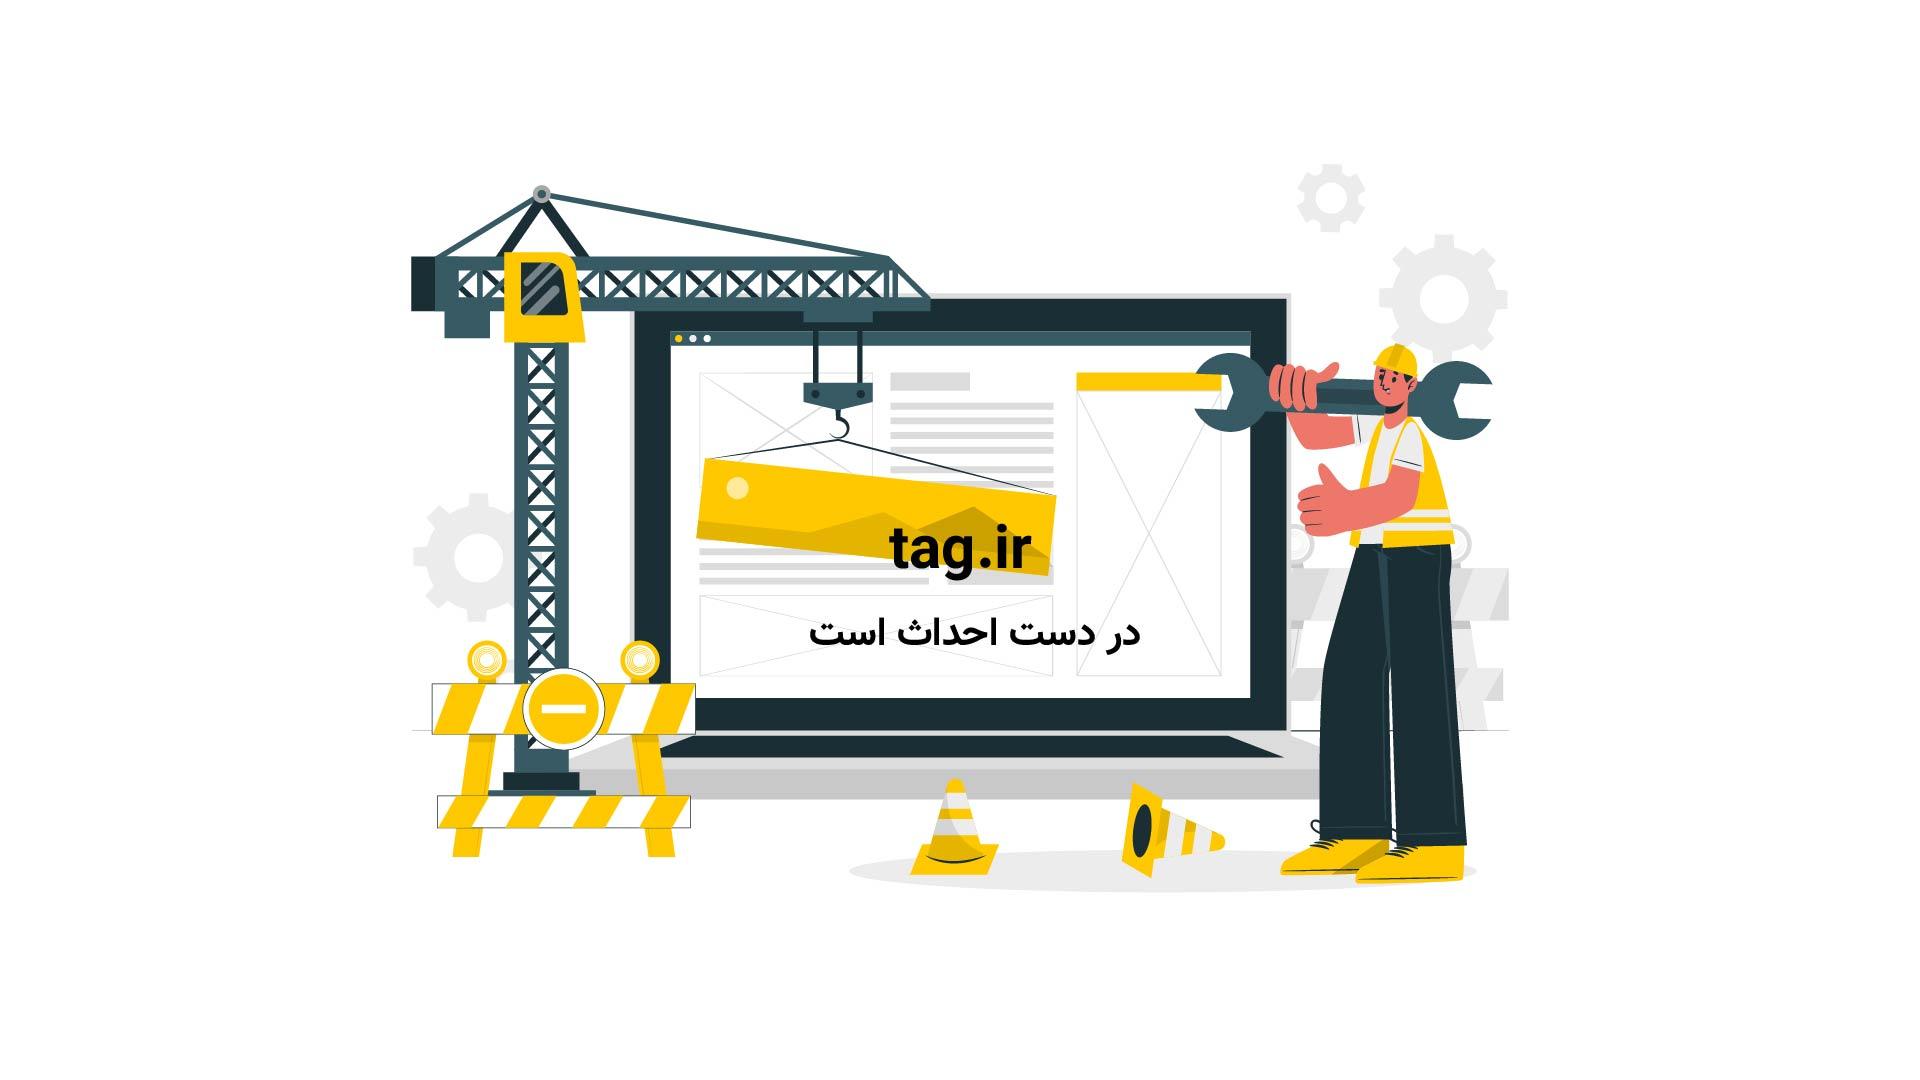 آموزش کشیدن اتوبوس | تگ